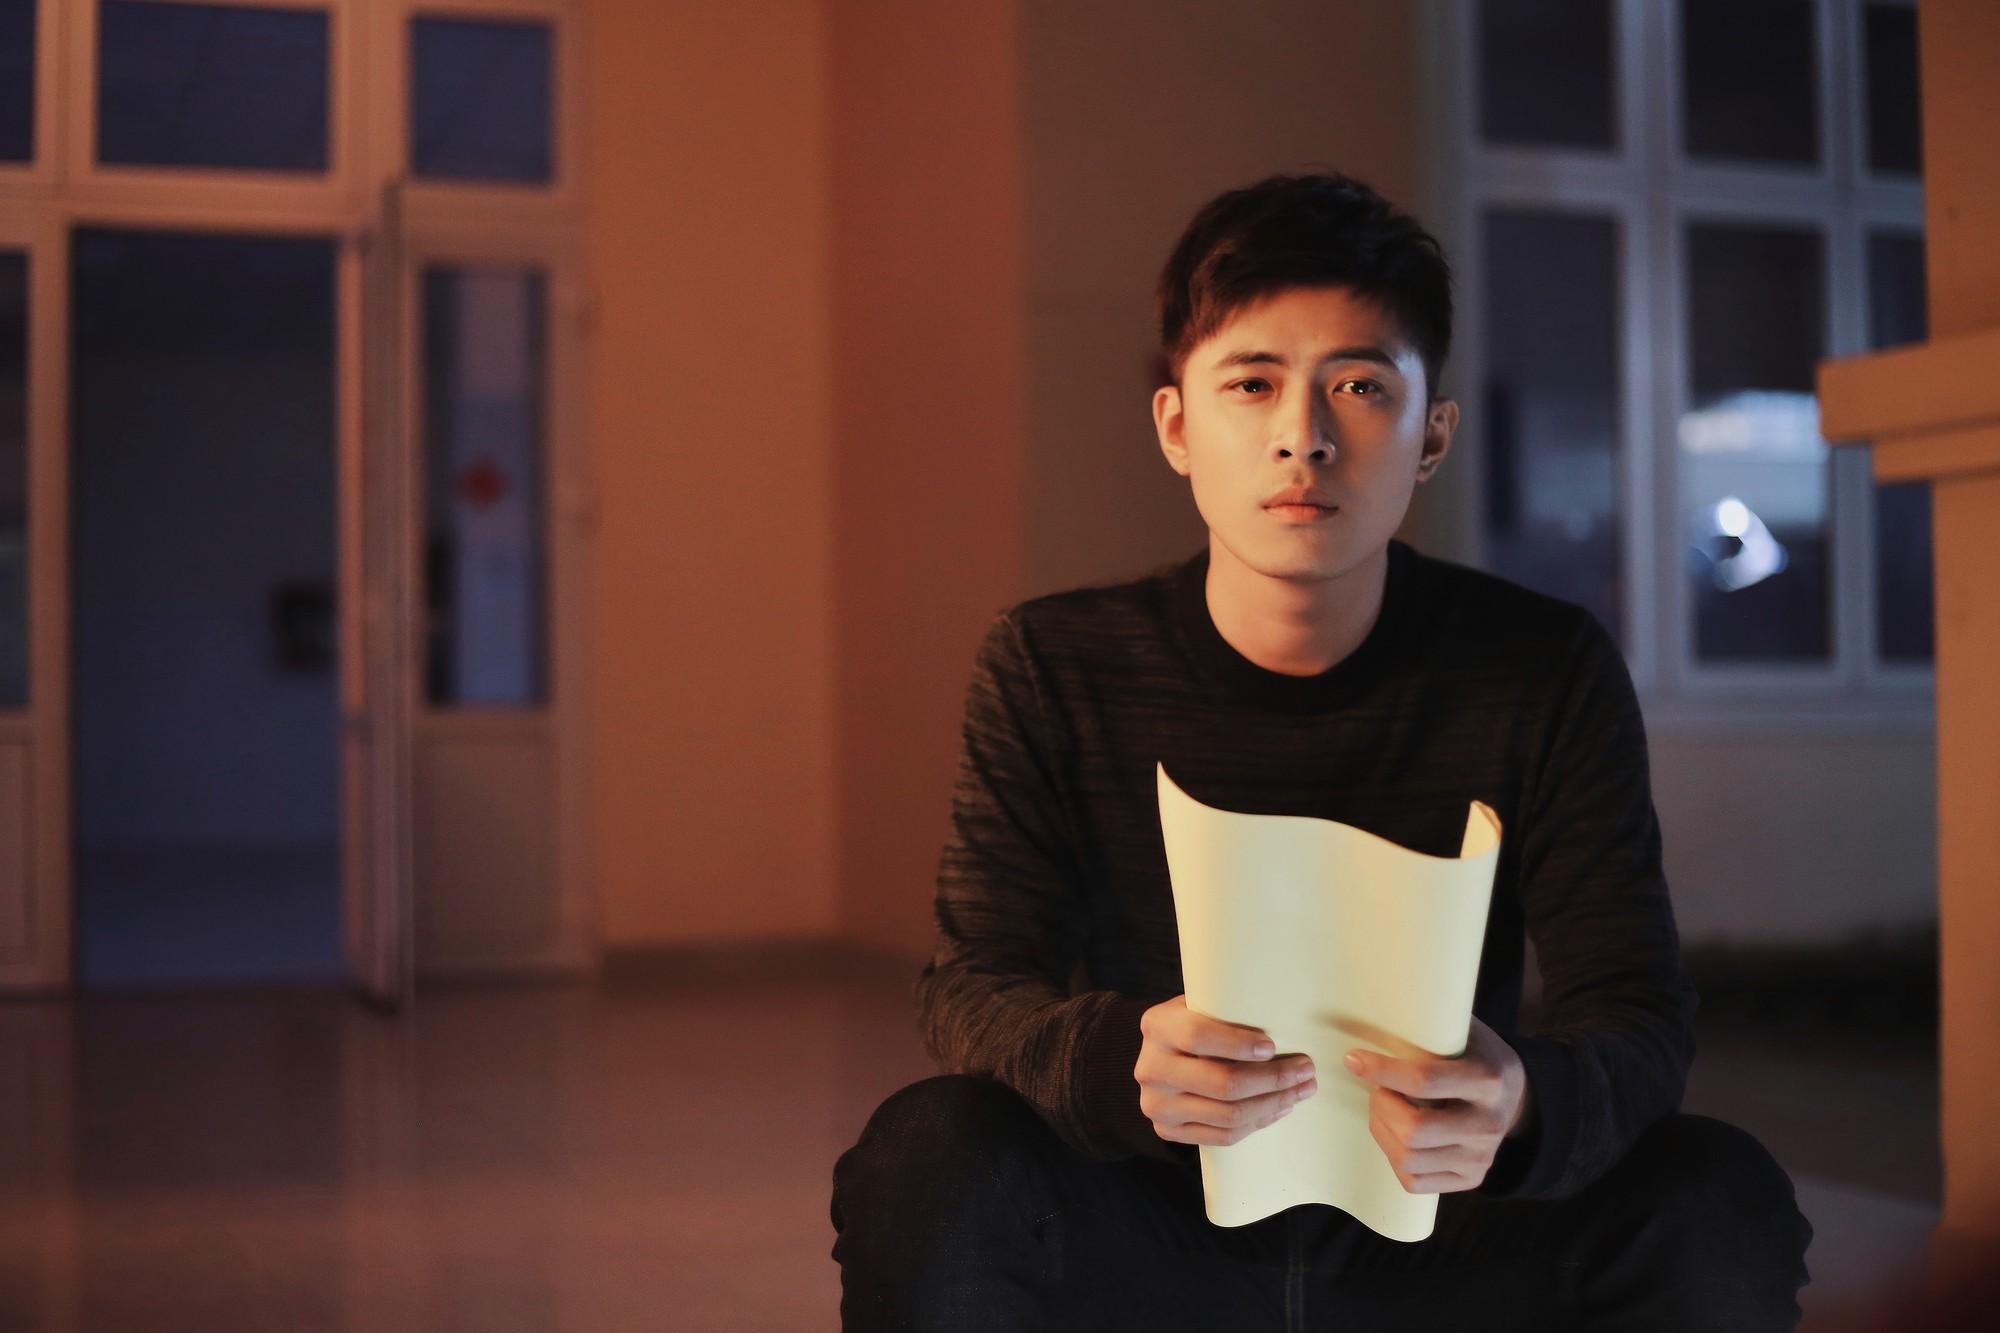 Gin Tuấn Kiệt hợp tác cùng hotgirl ảnh thẻ Lan Hương tung MV đầy nước mắt về tuổi thanh xuân - Ảnh 5.